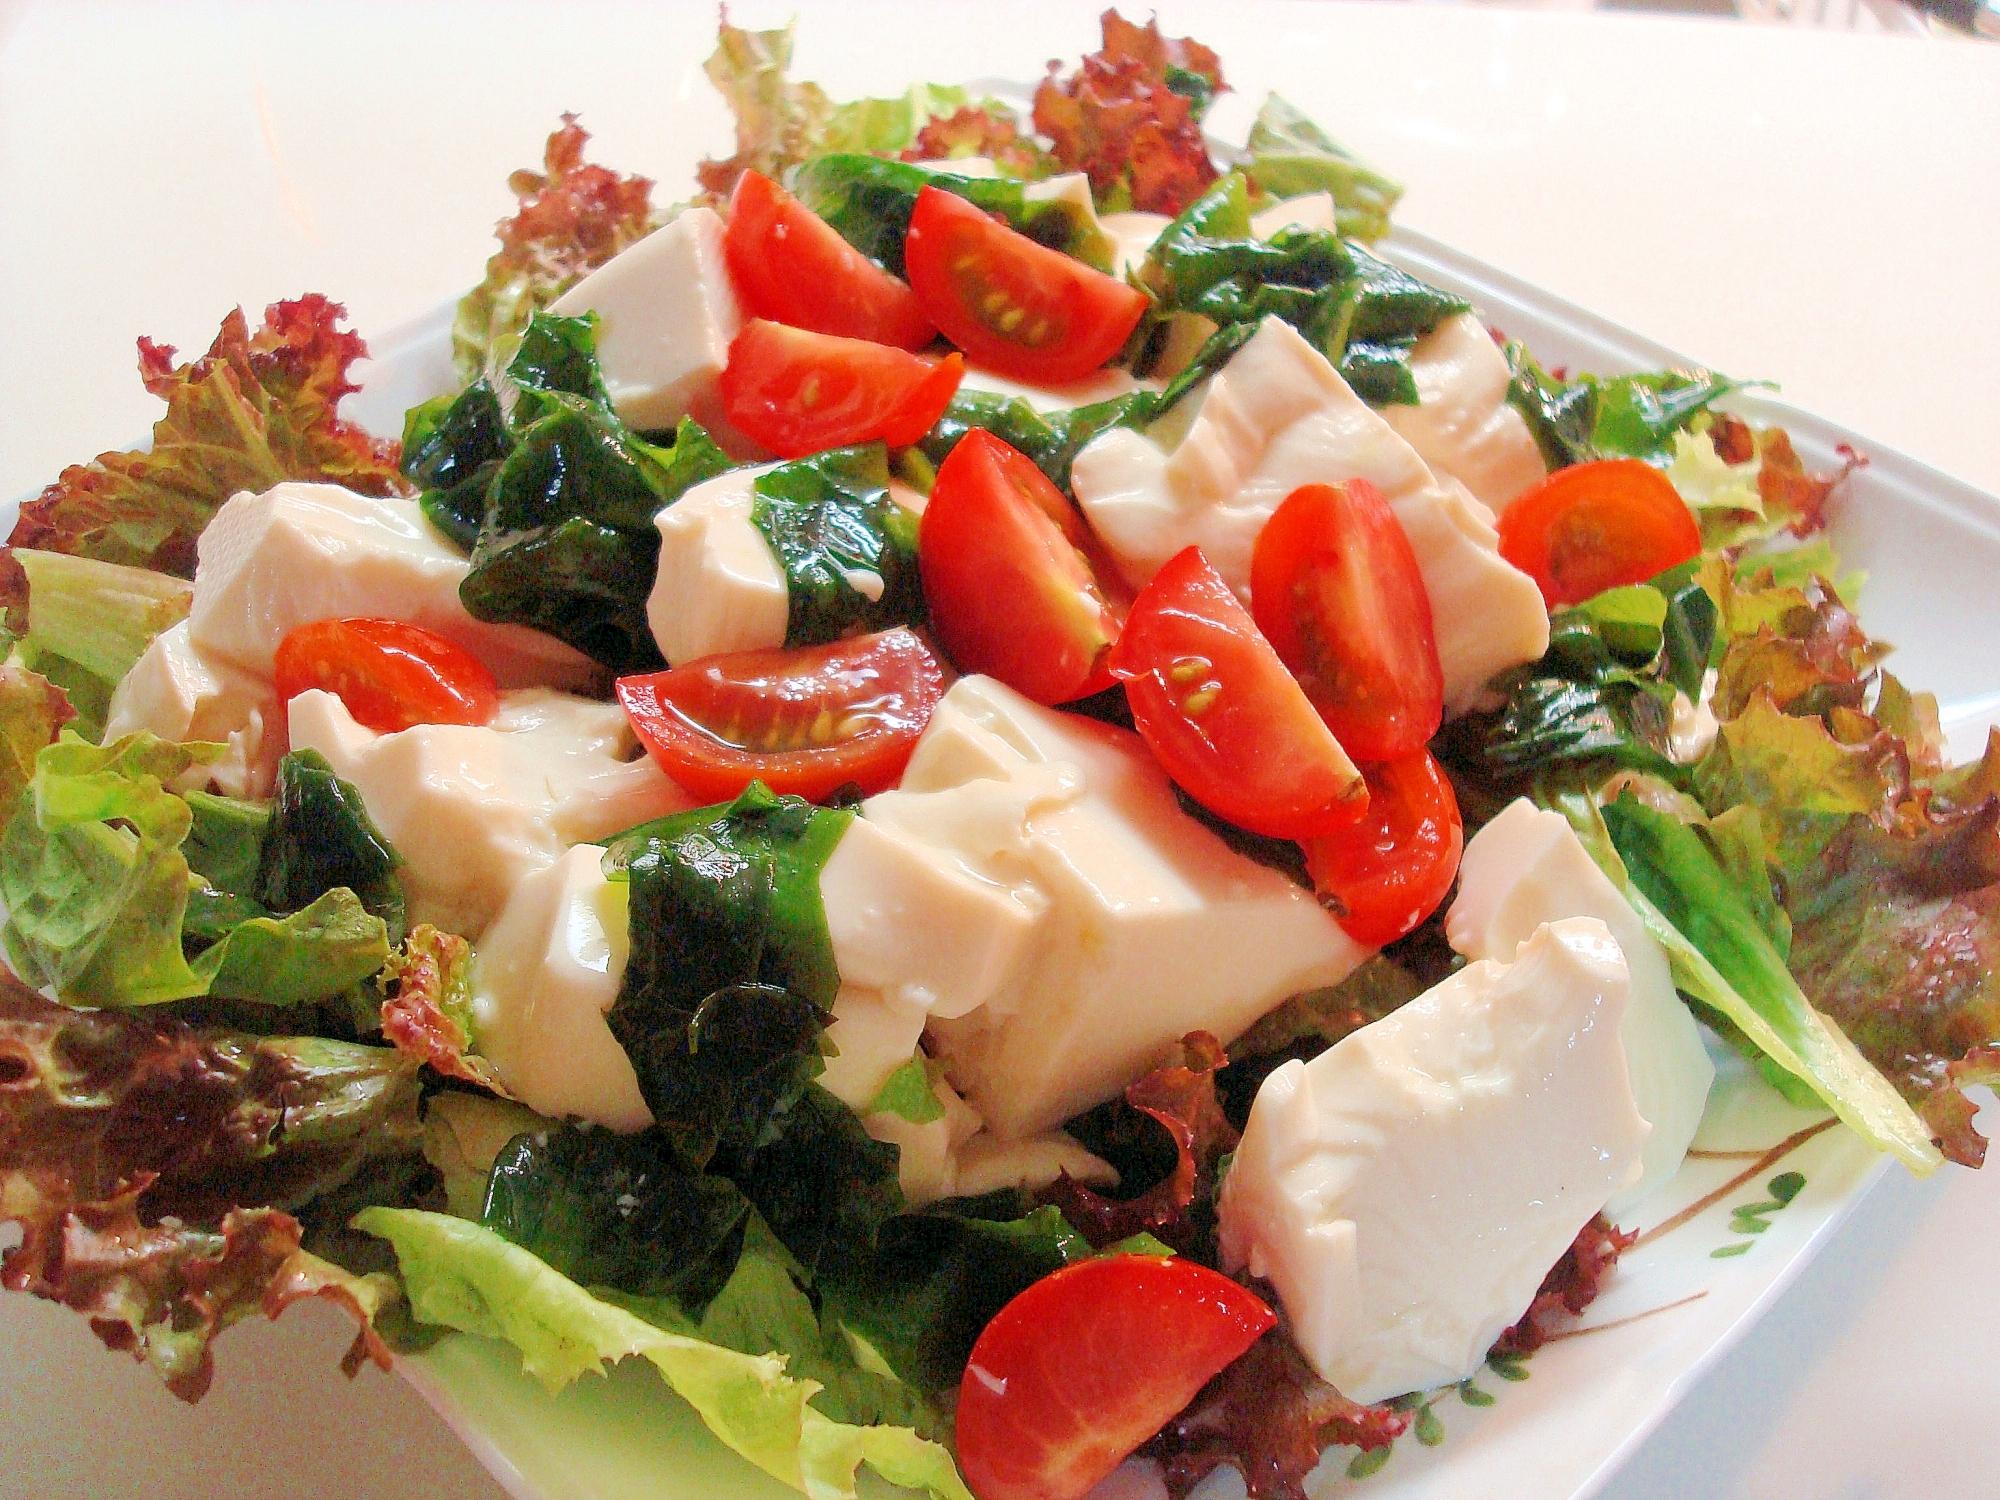 ポン酢とよく合う☆くずし豆腐サラダ~♪ レシピ・作り方 by じゅりあん〜♪|楽天レシピ